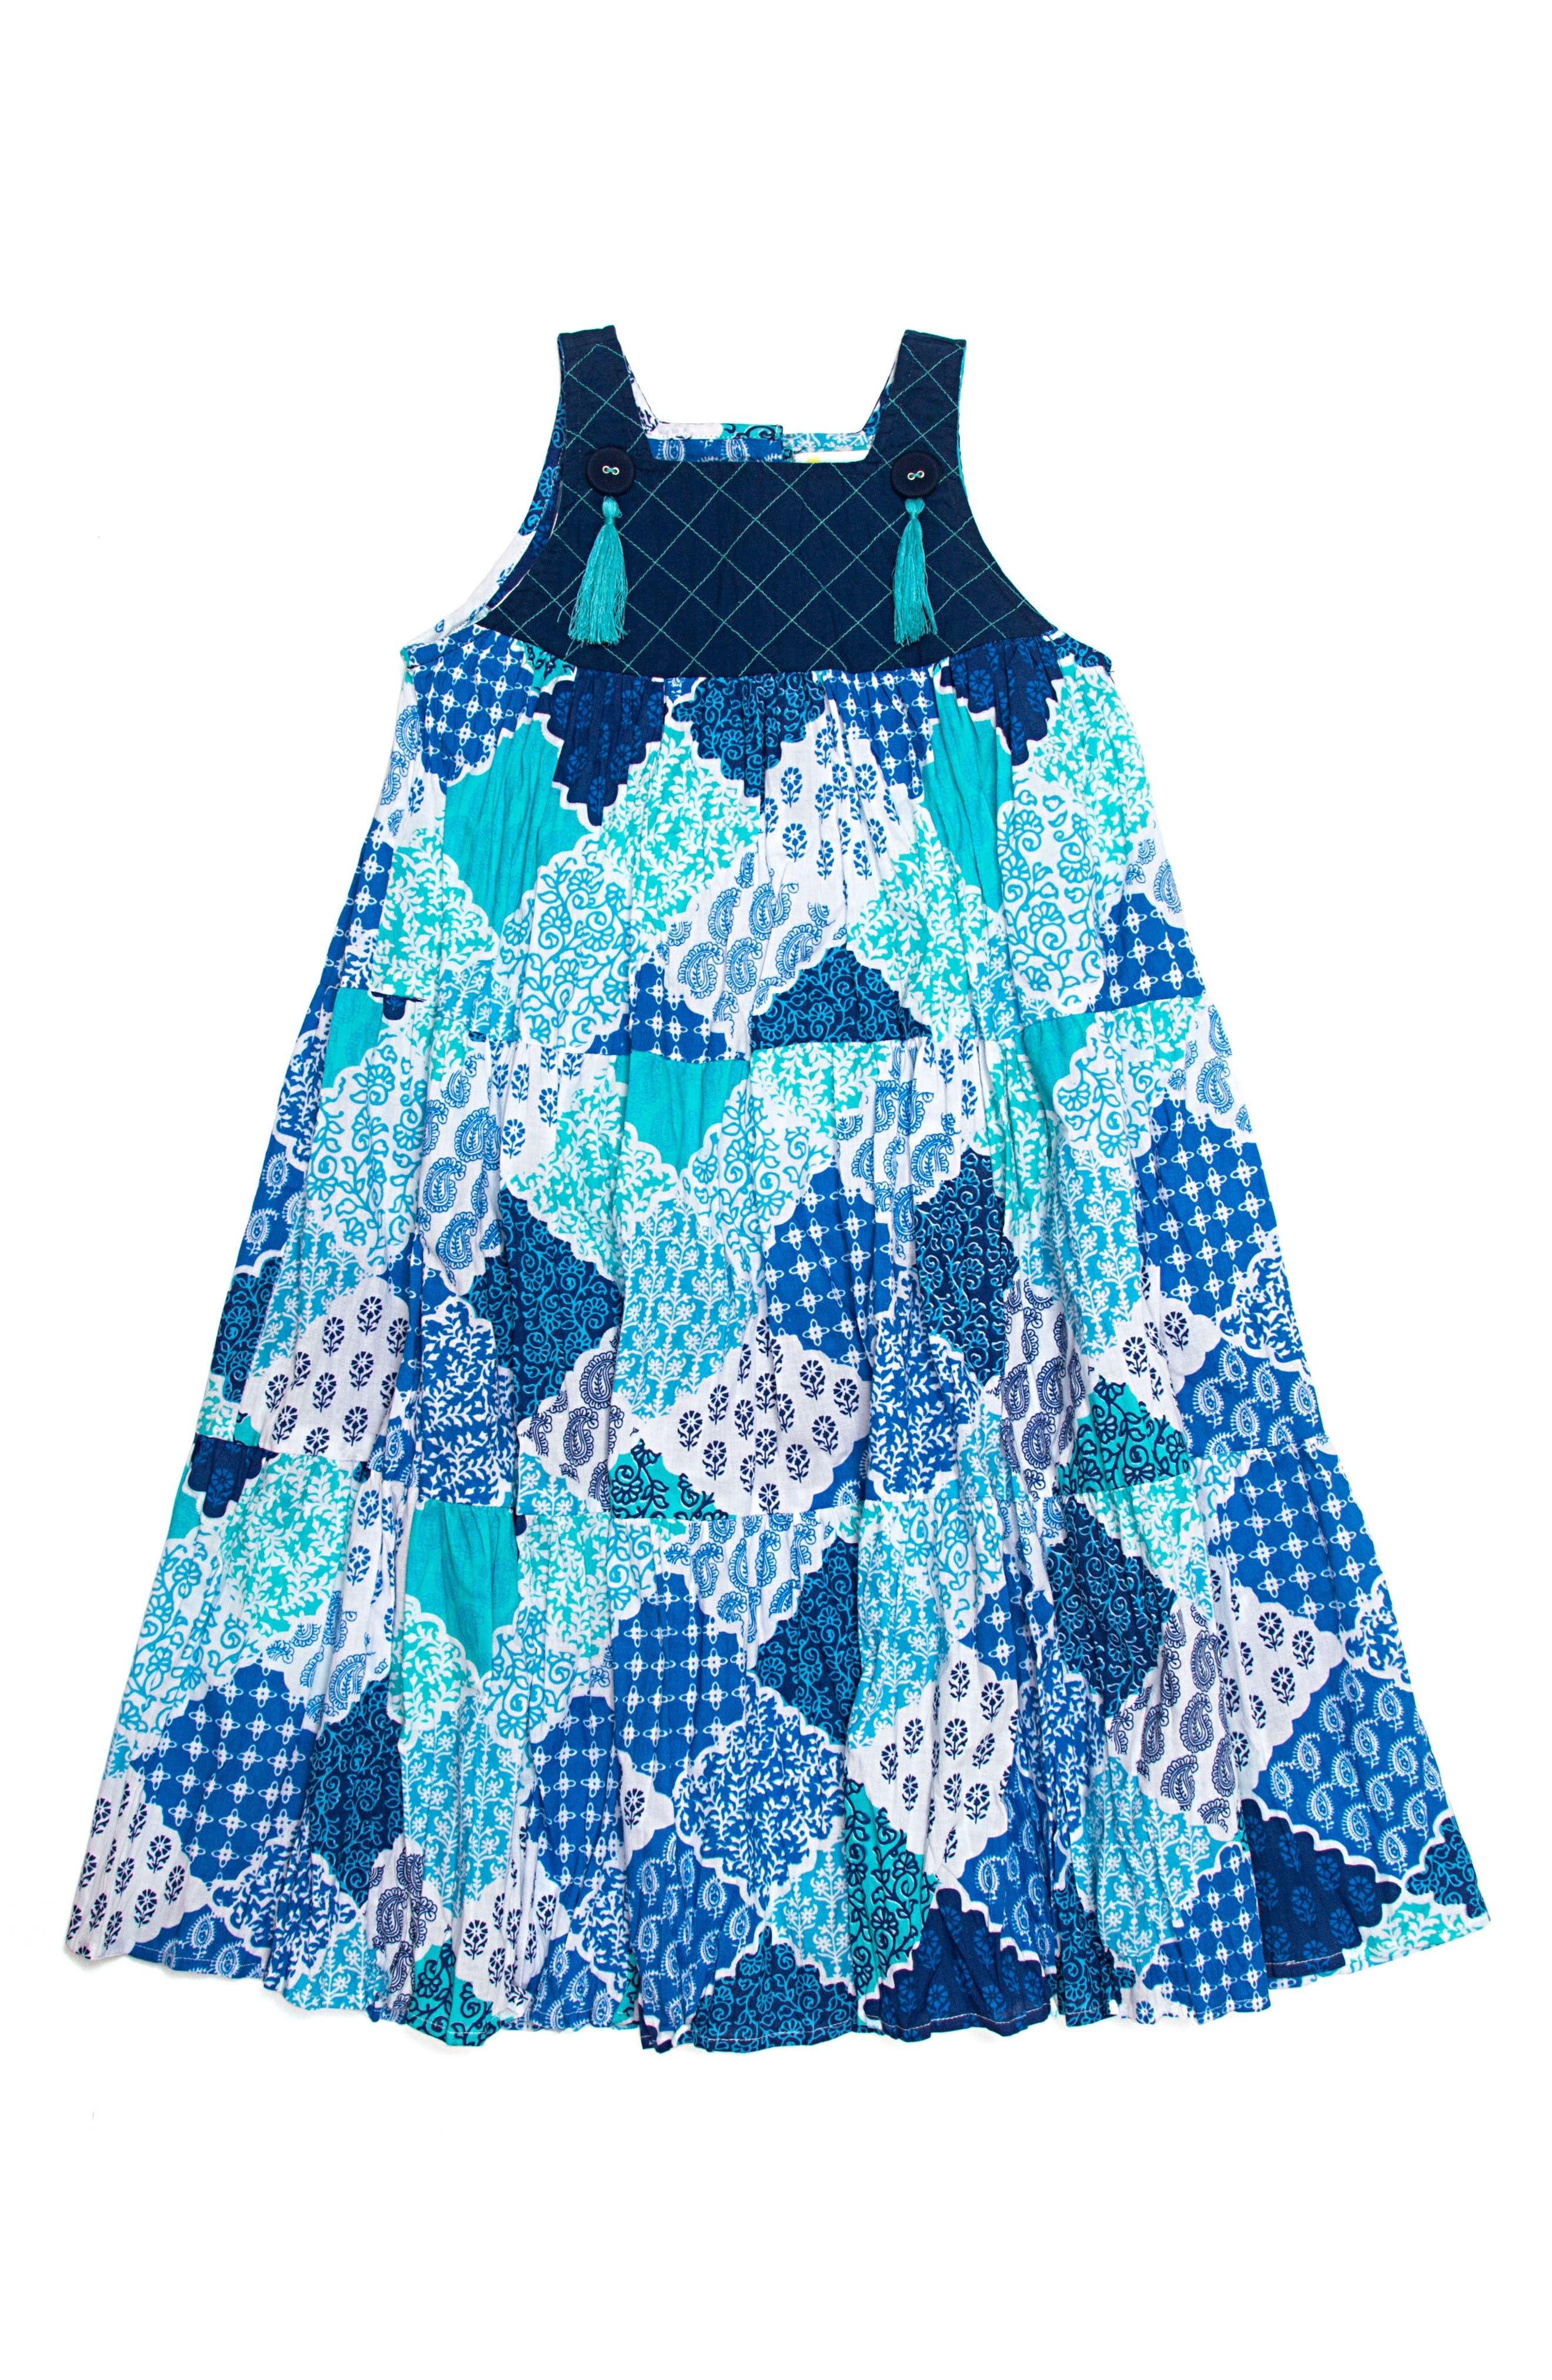 Alternate Image 1 Selected - Masalababy Ayu Dress (Toddler Girls, Little Girls & Big Girls)